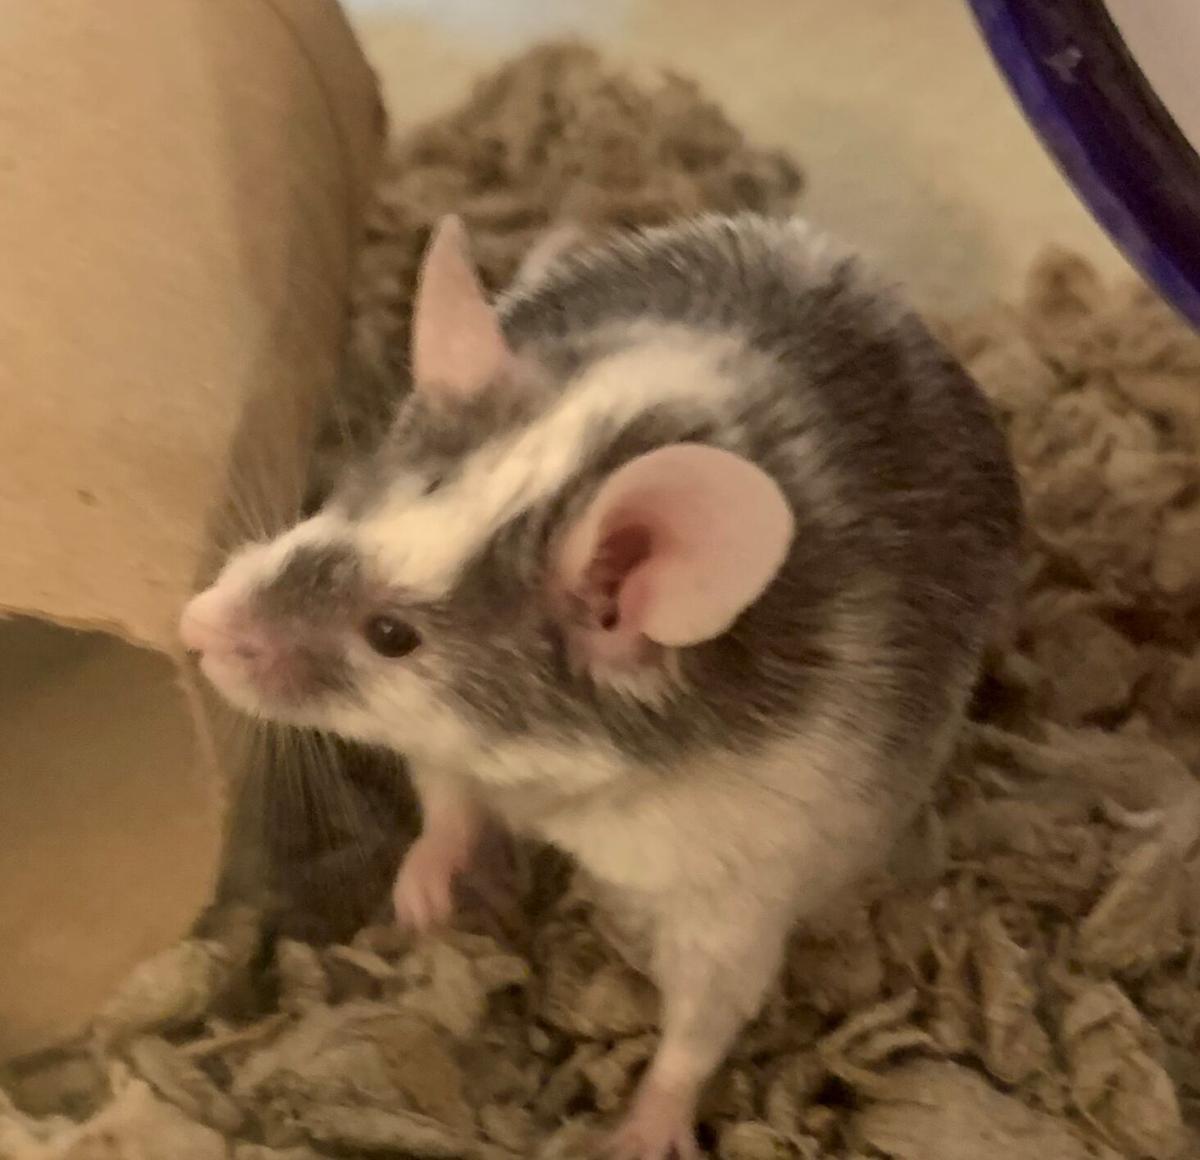 Bernard, Sarah Garrecht Gassen's mouse